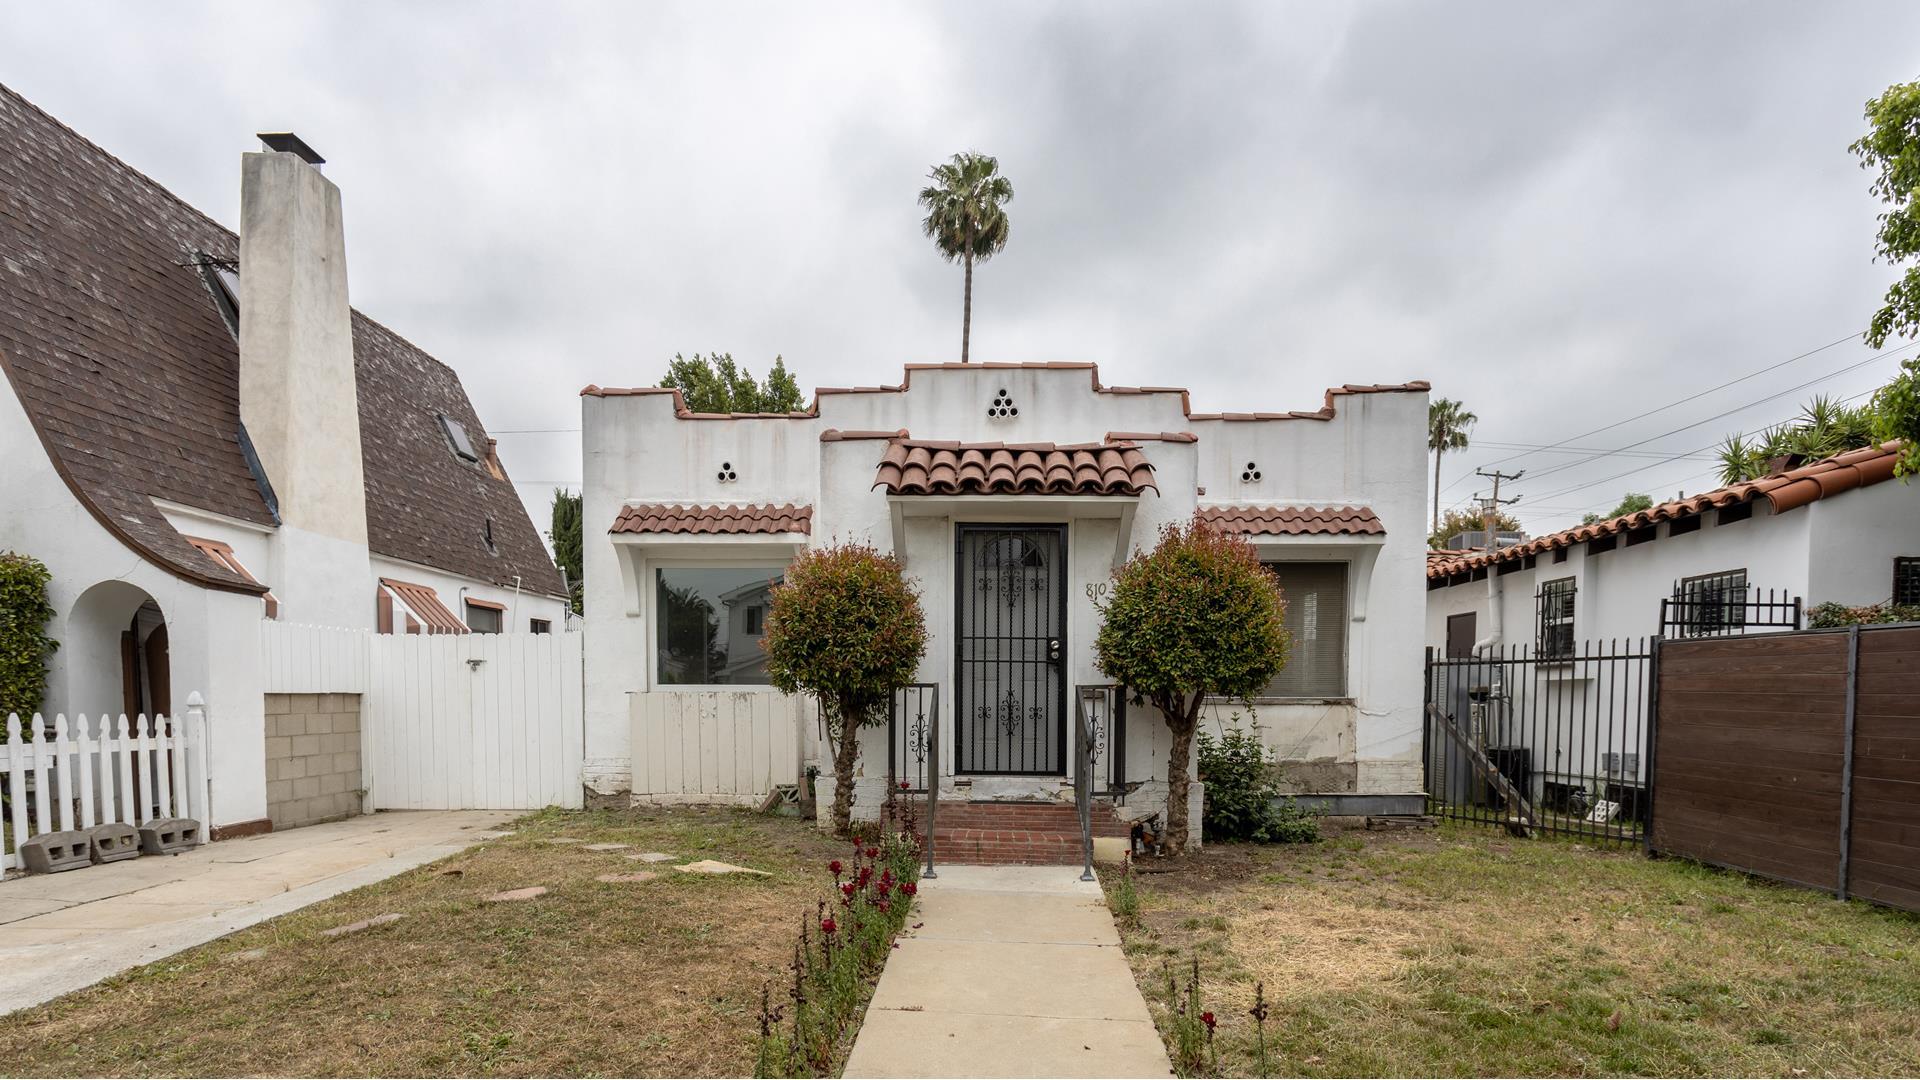 810 N SPAULDING Avenue - West Hollywood, California